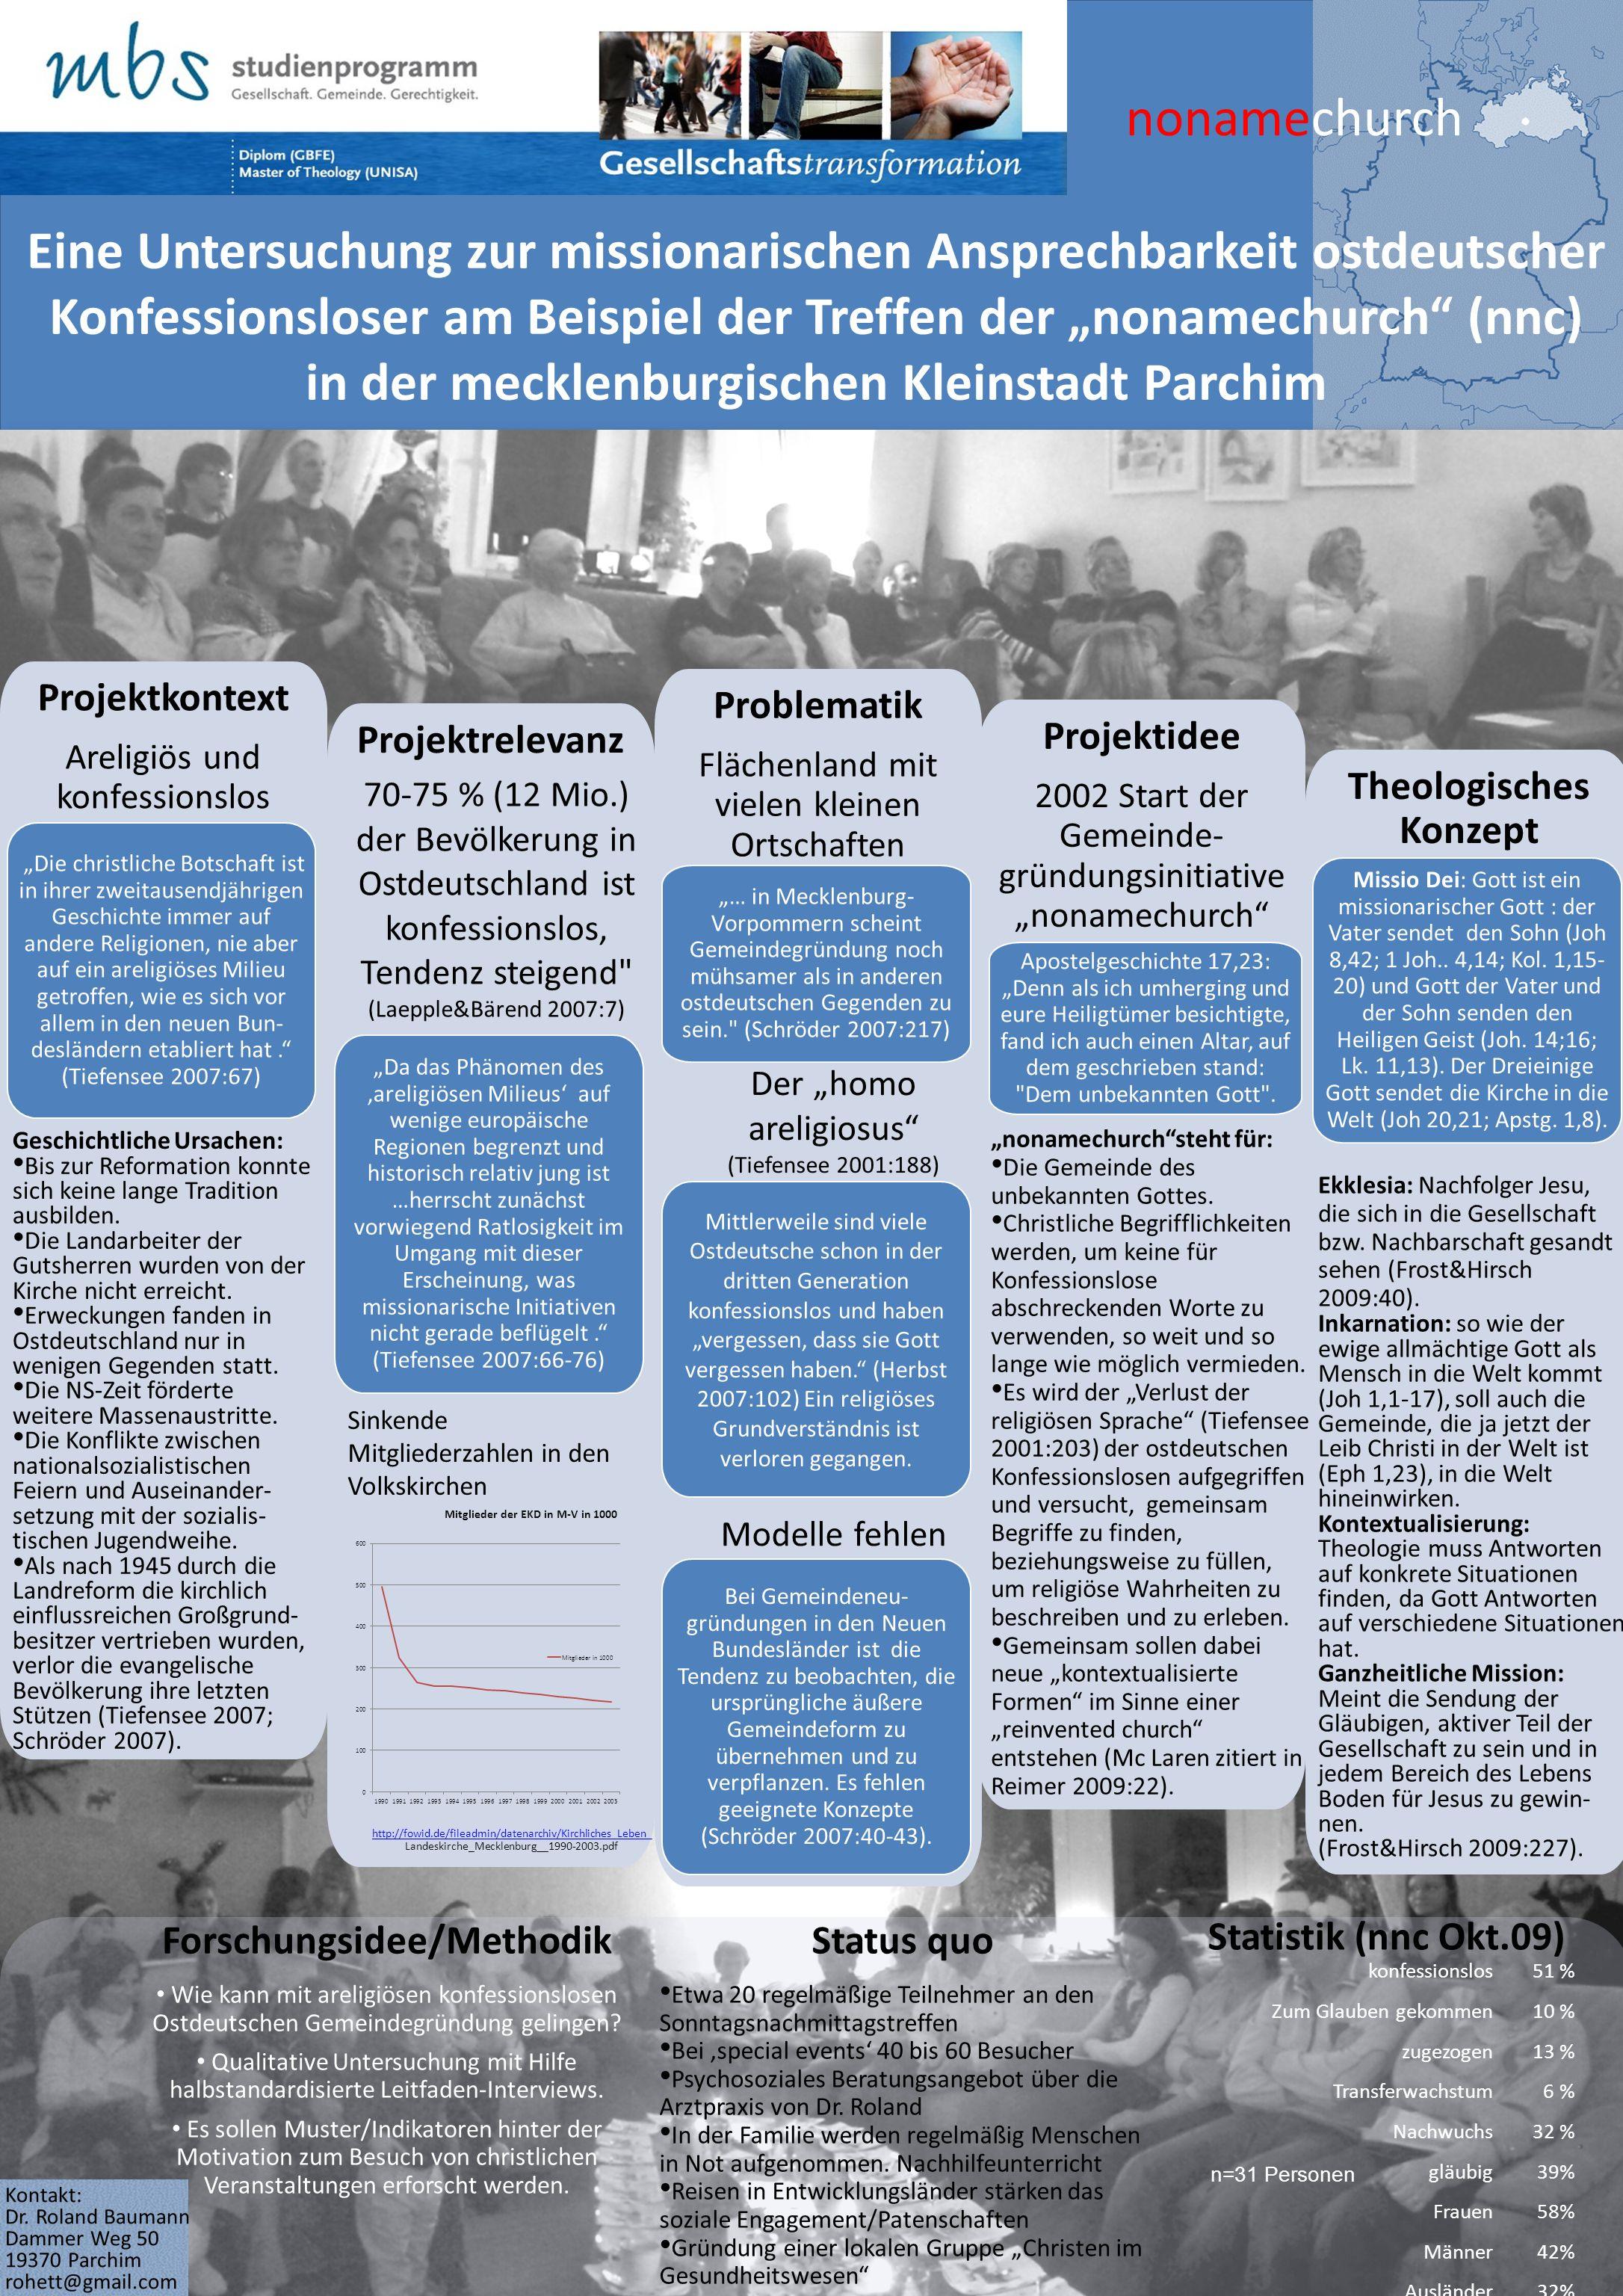 Theologisches Konzept Problematik Flächenland mit vielen kleinen Ortschaften Projektrelevanz nonamechurch Kontakt: Dr.